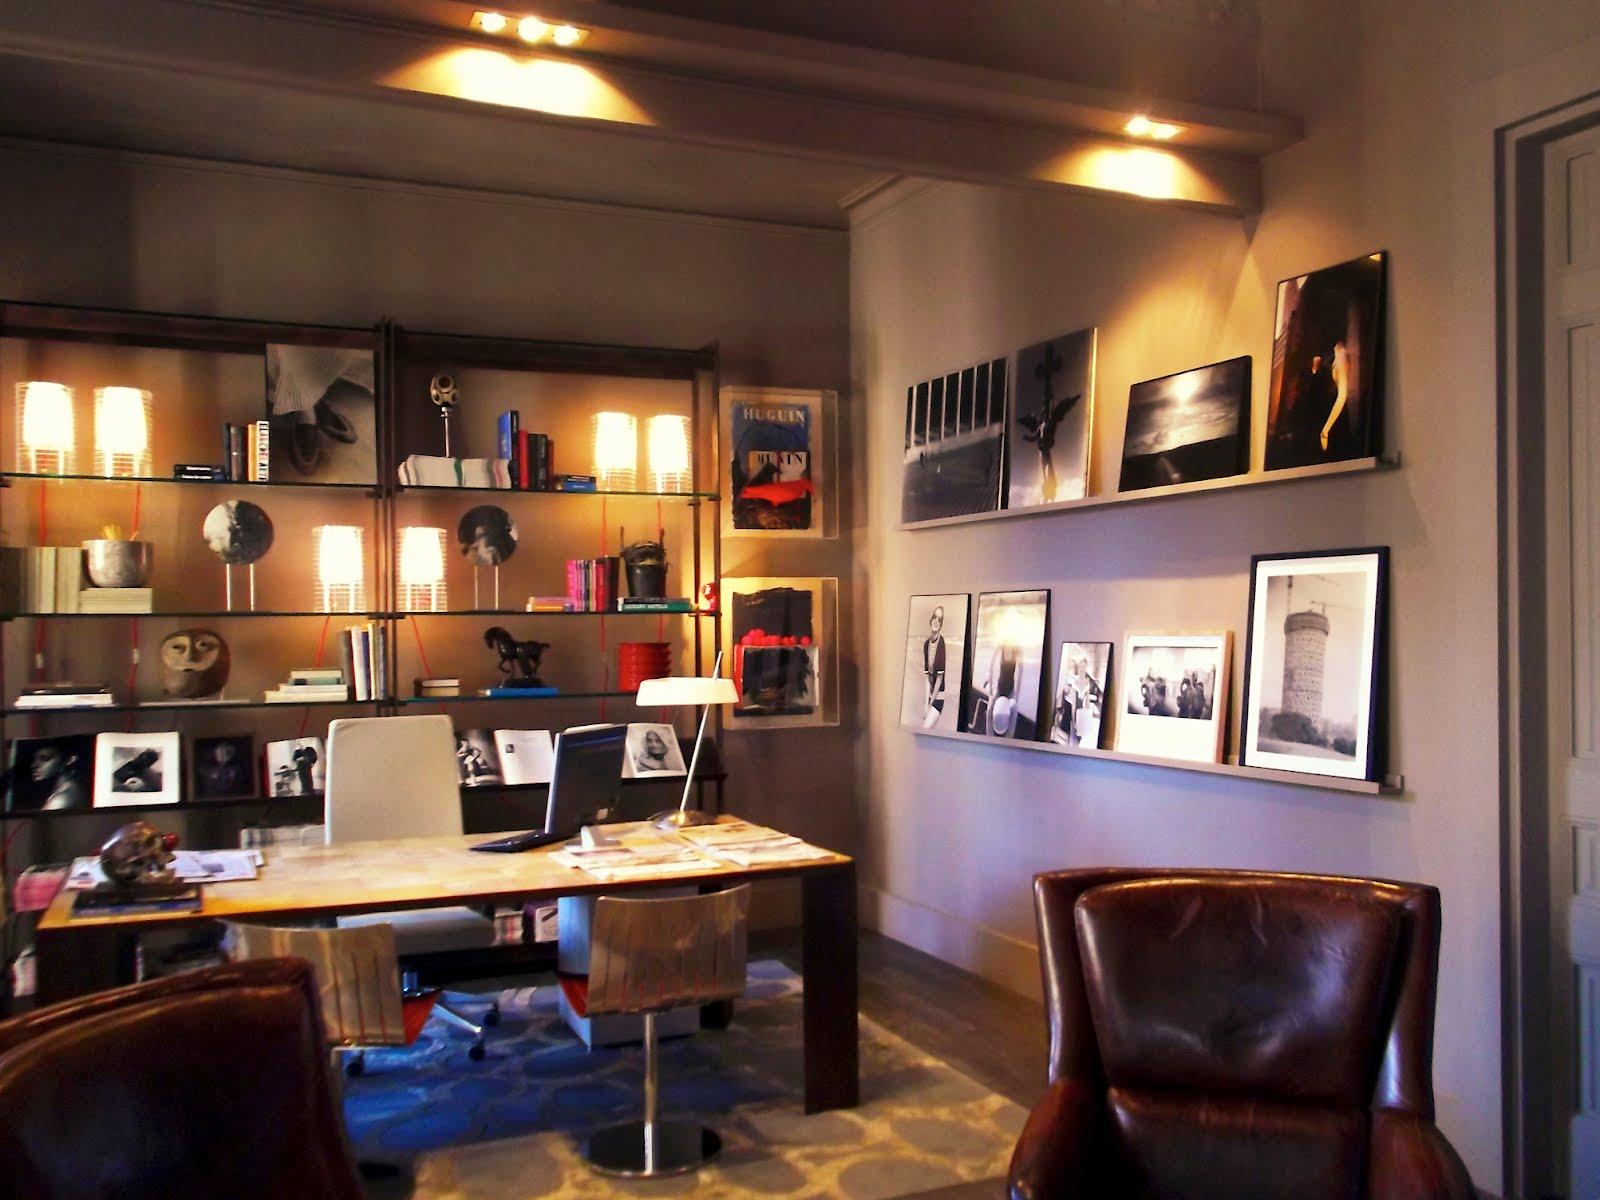 Xito de ricardo miras en casa decor blog arquitectura y - Decoracion despacho casa ...